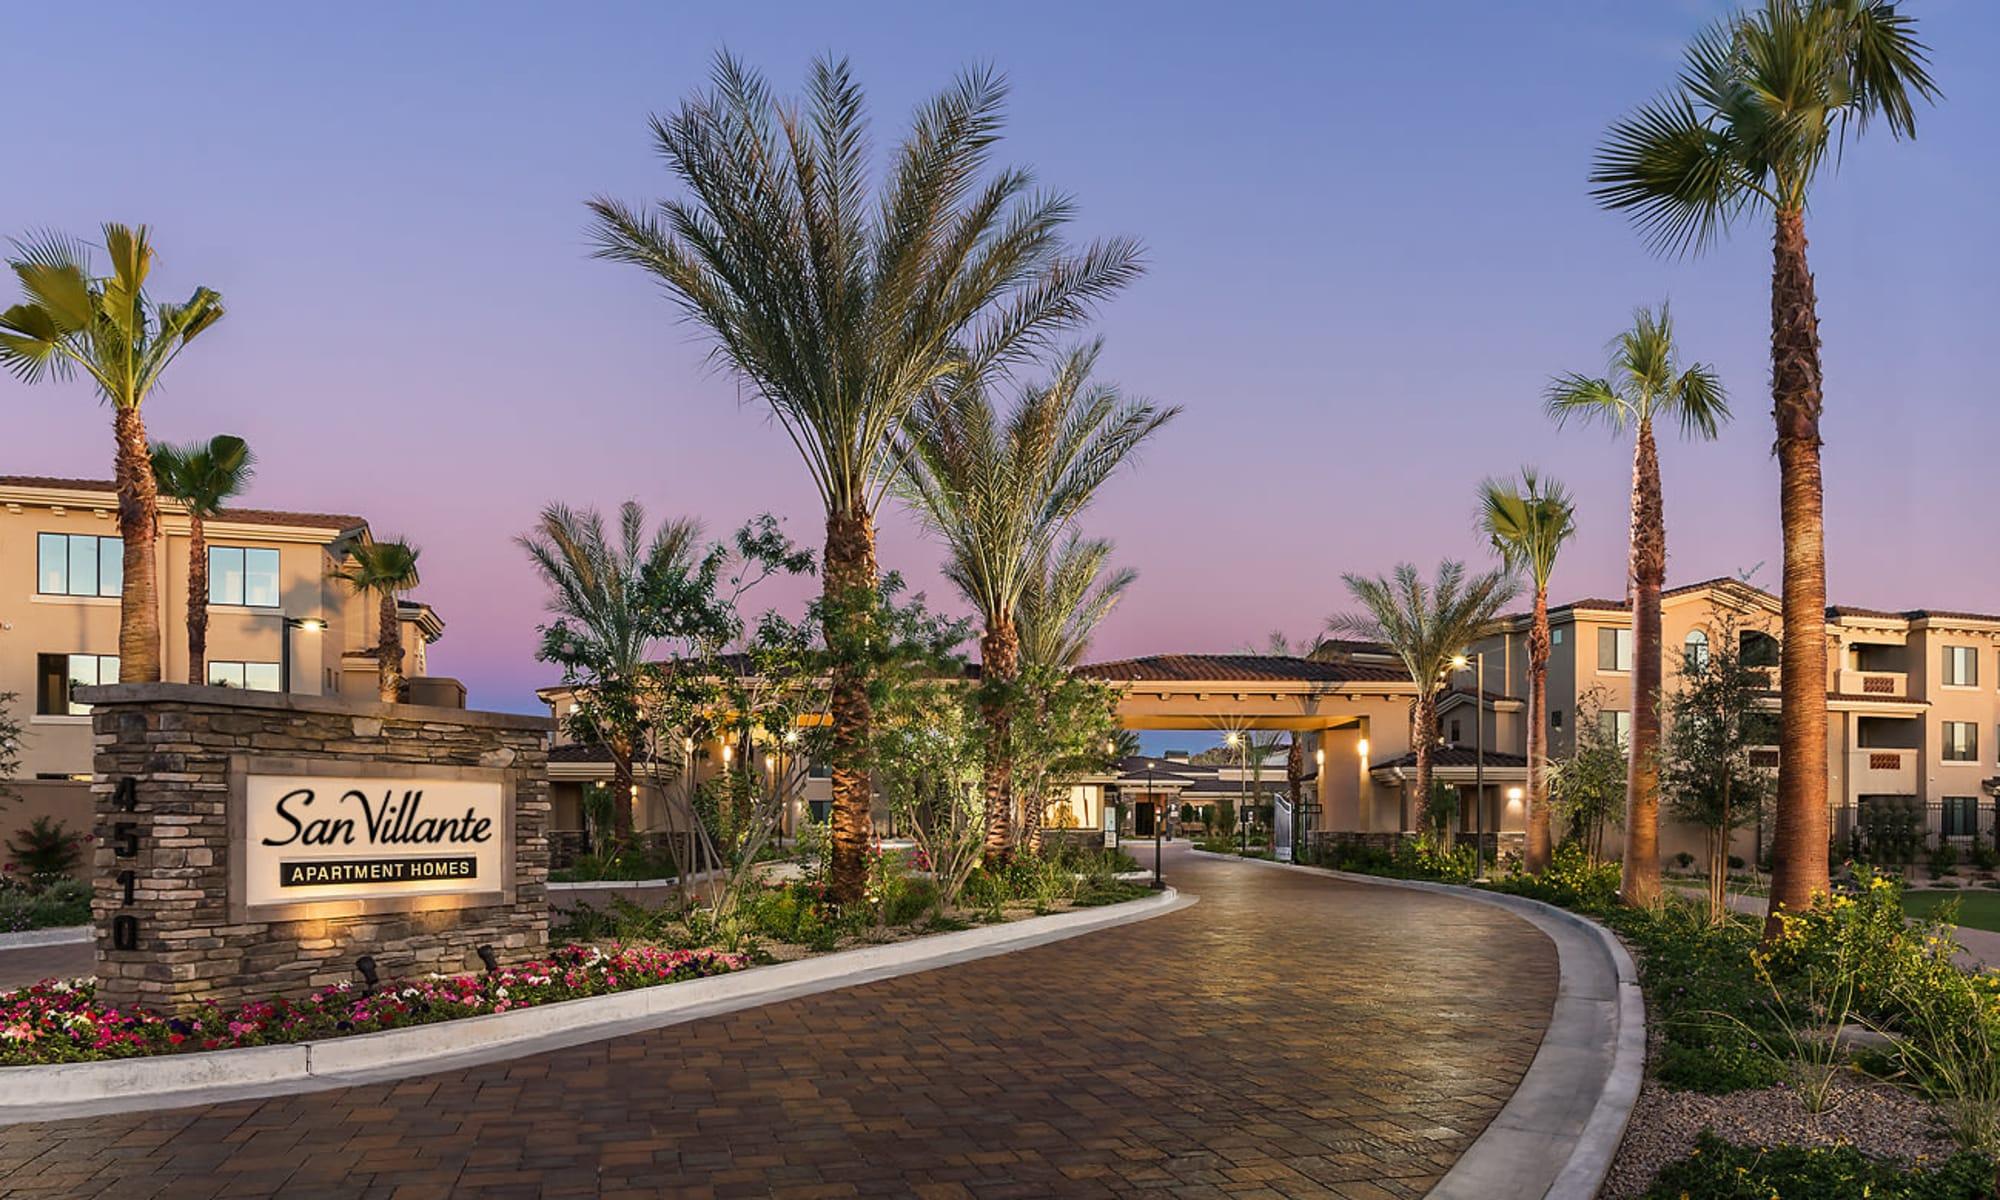 Apartments at San Villante in Mesa, Arizona